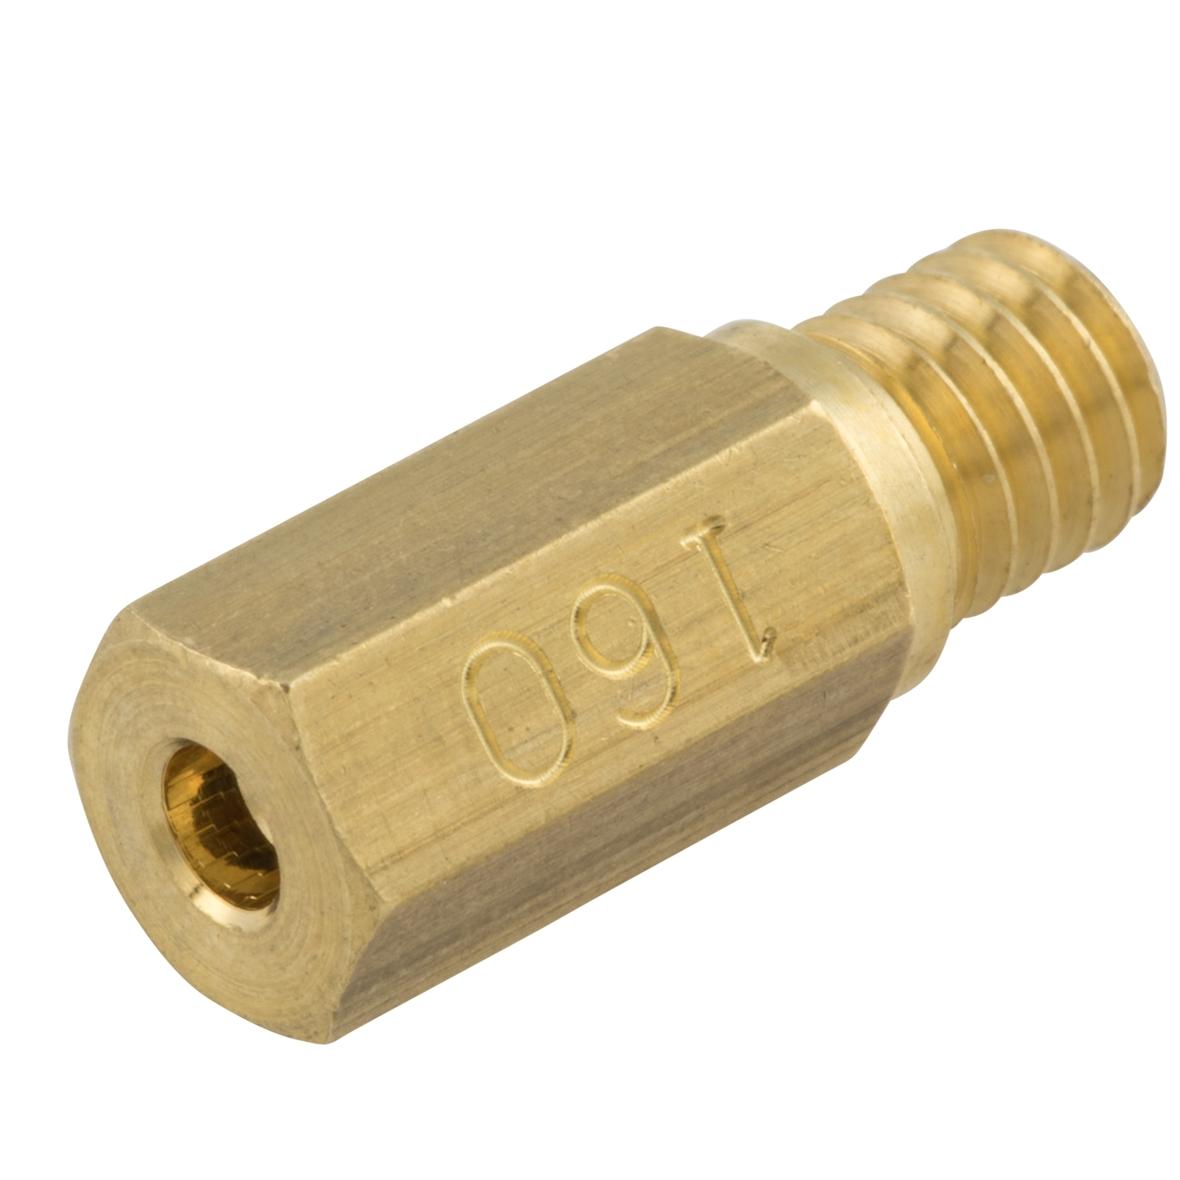 Obrázek výrobku pro 'Tryska KMT 165 Ø 6 mmTitle'